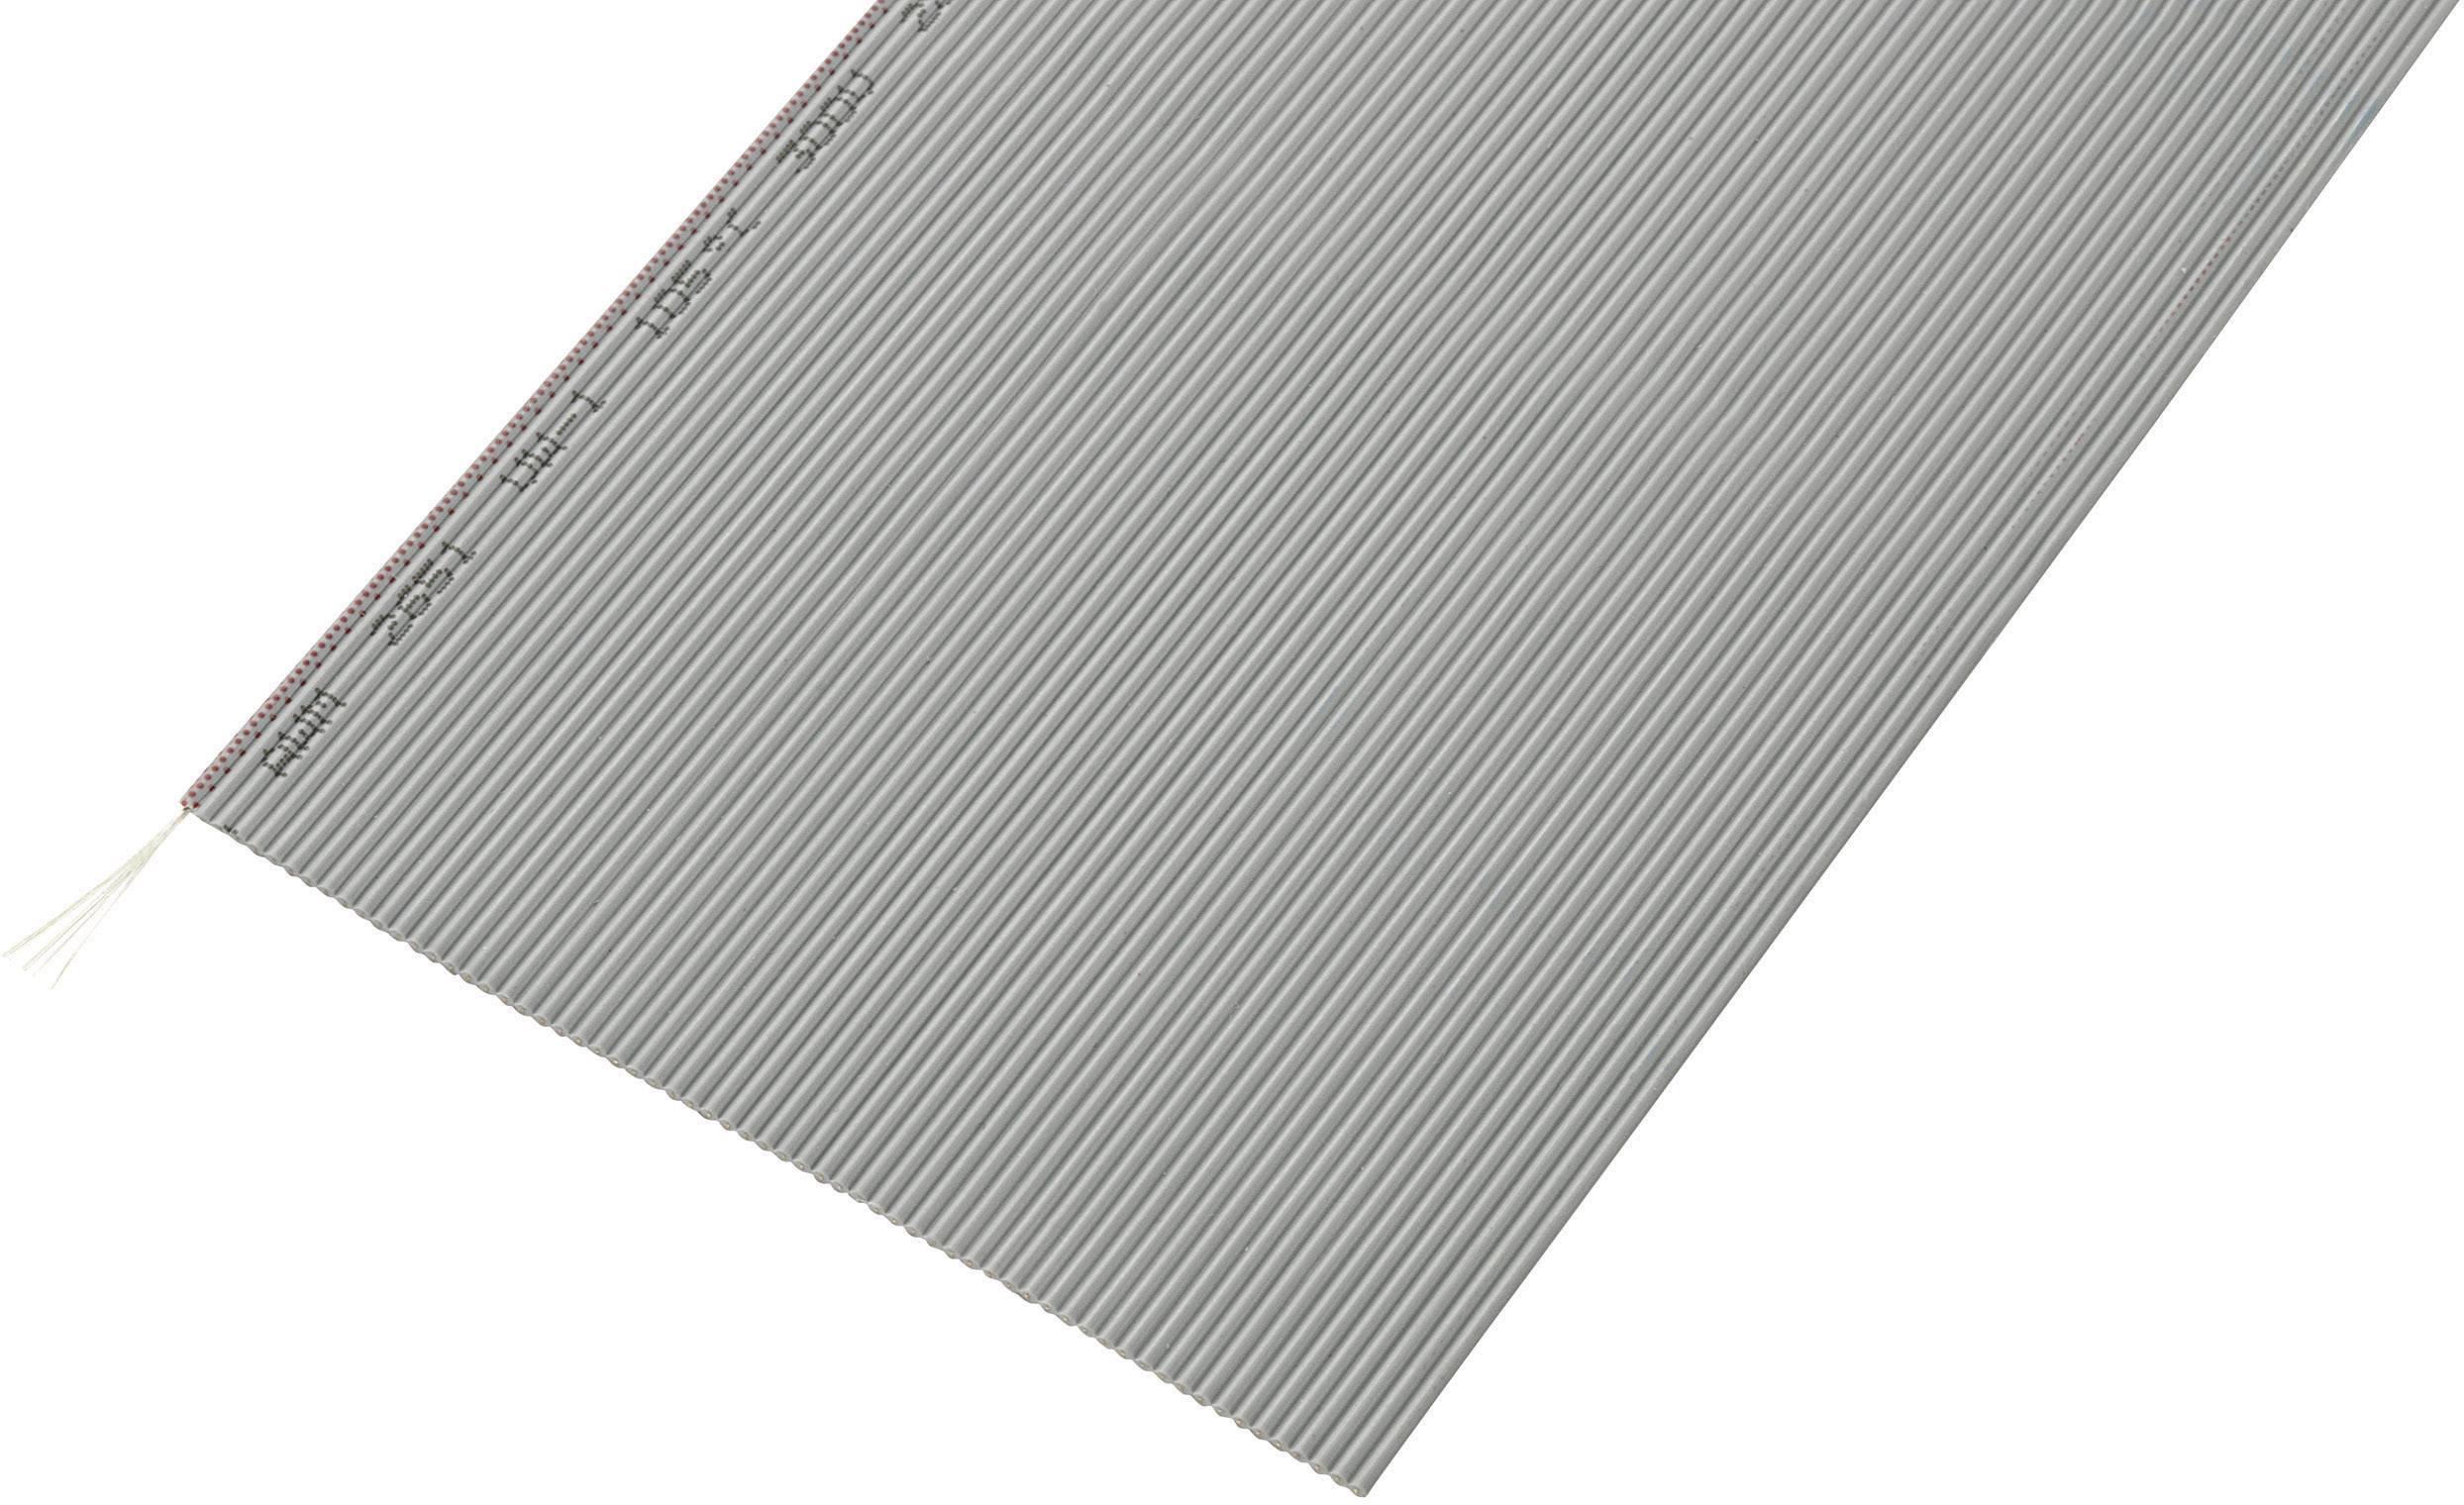 Plochý kábel Conrad Components SH1998C208, rozteč 1.27 mm, 64 x 0.035 mm², sivá, 30.5 m